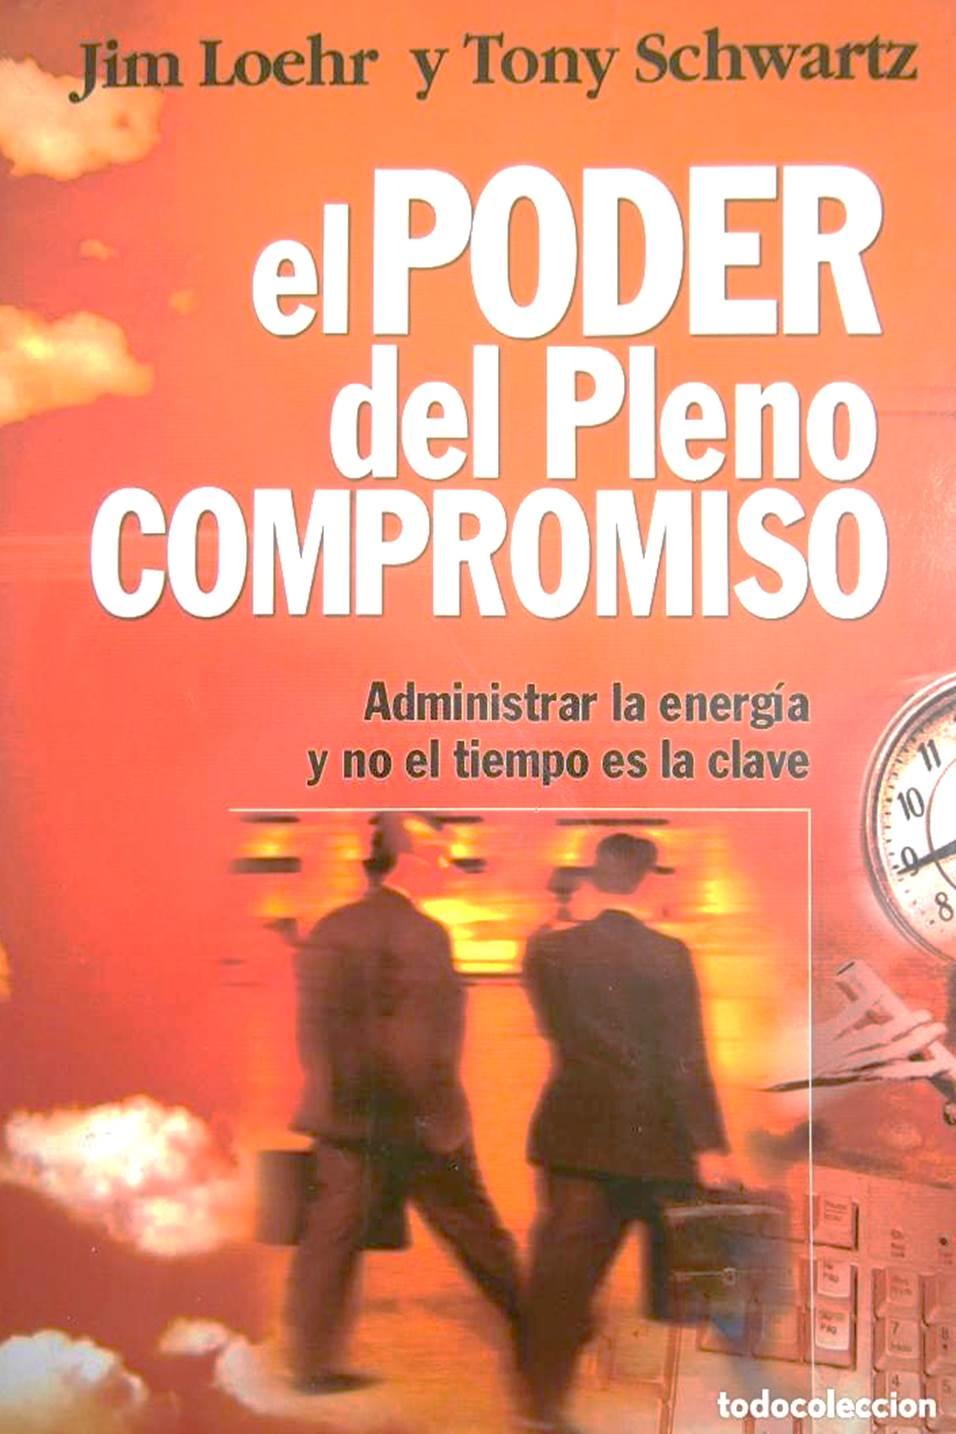 El poder del pleno compromiso – por Jim Loehr y Tony Schwartz